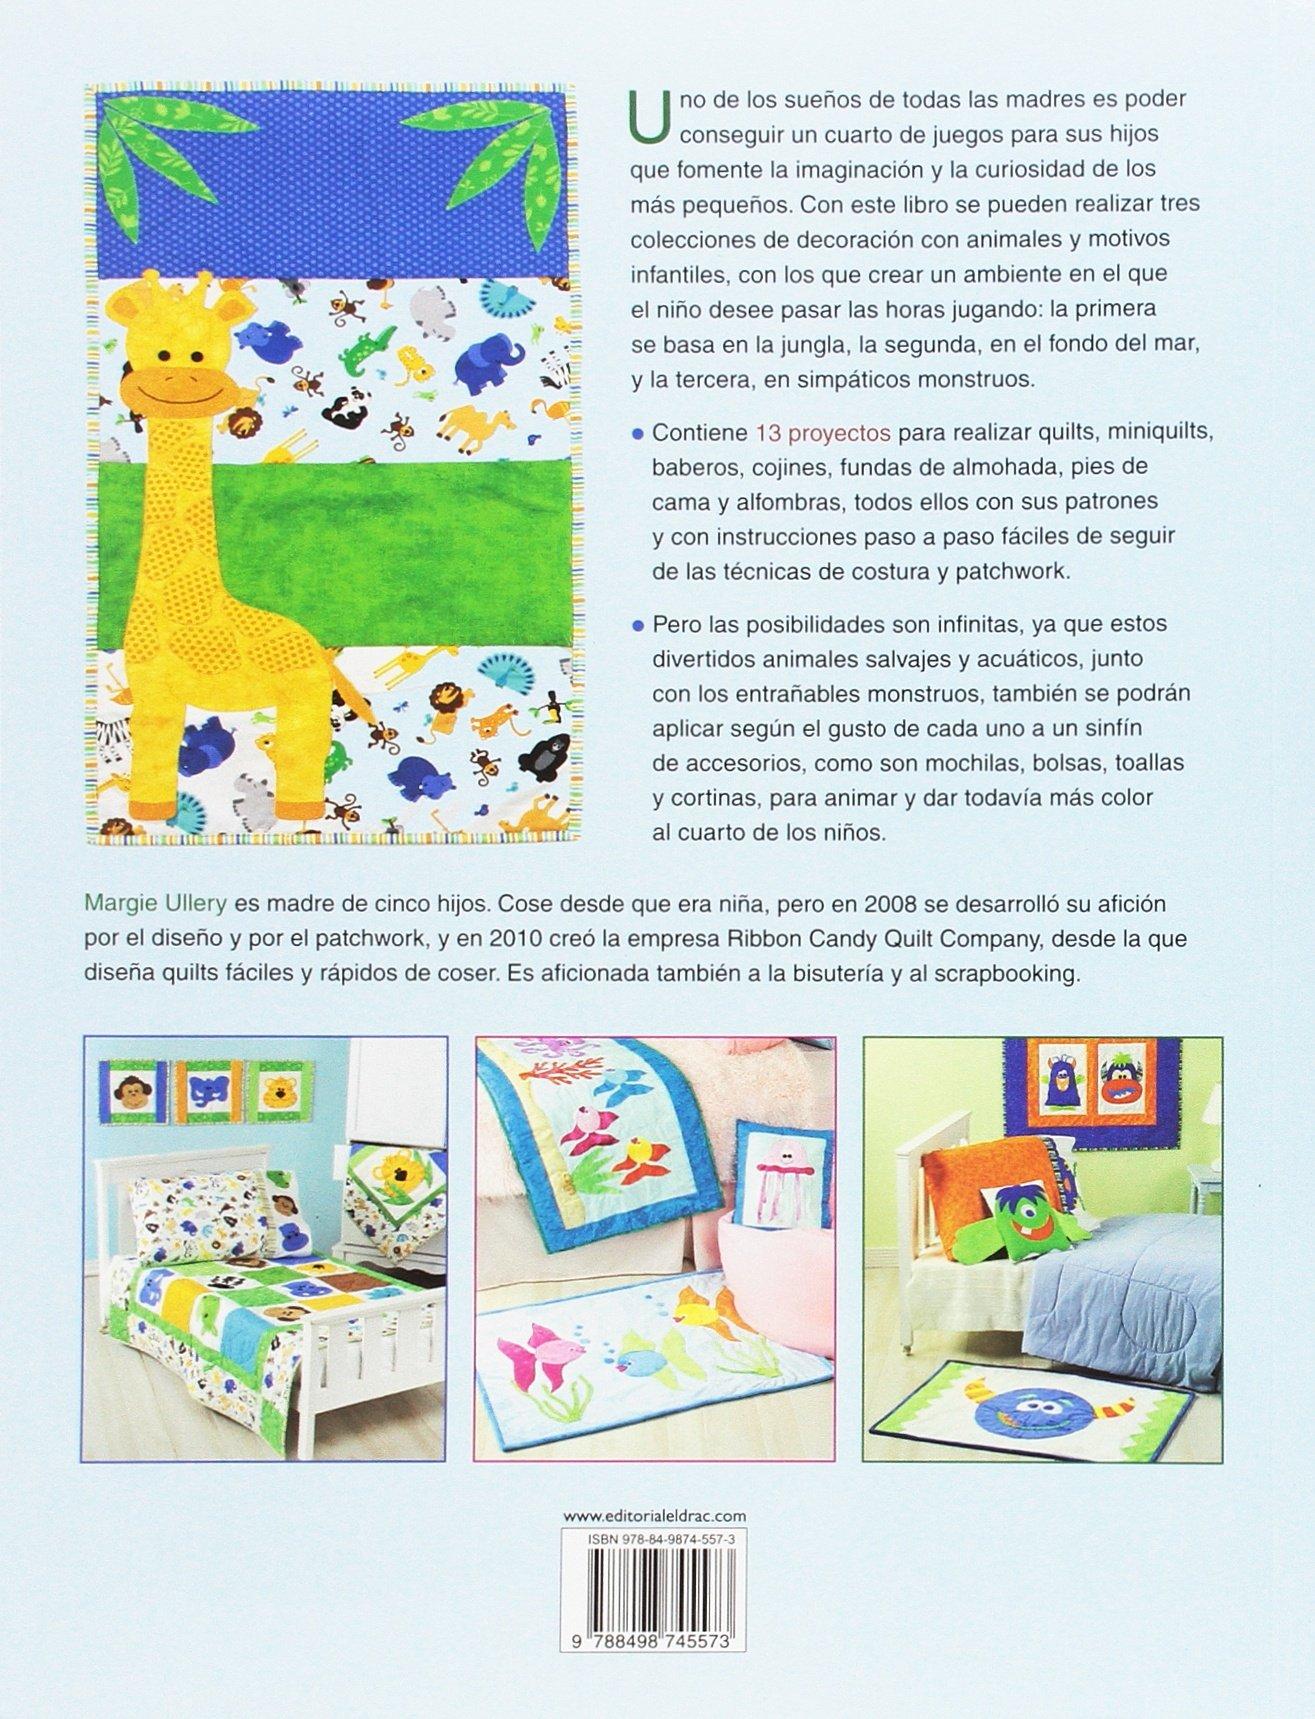 Aplicaciones de patchwork con motivos infantiles. Animales ...